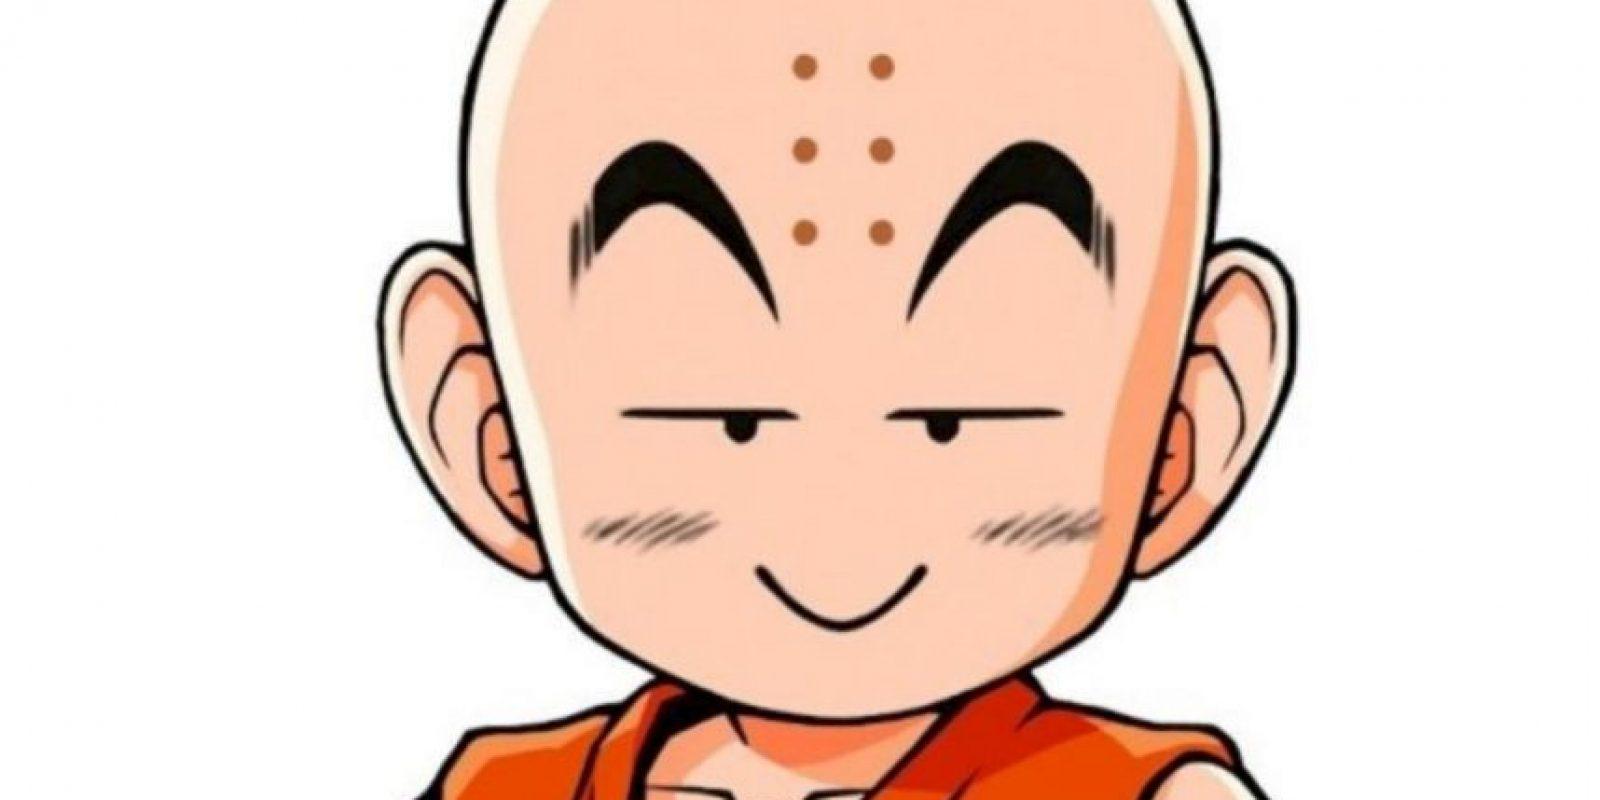 Los puntos que tiene Krillin en la frente son marcas de quemaduras de incienso, ya que él quería ser monje en el templo Orin. Foto:Toei